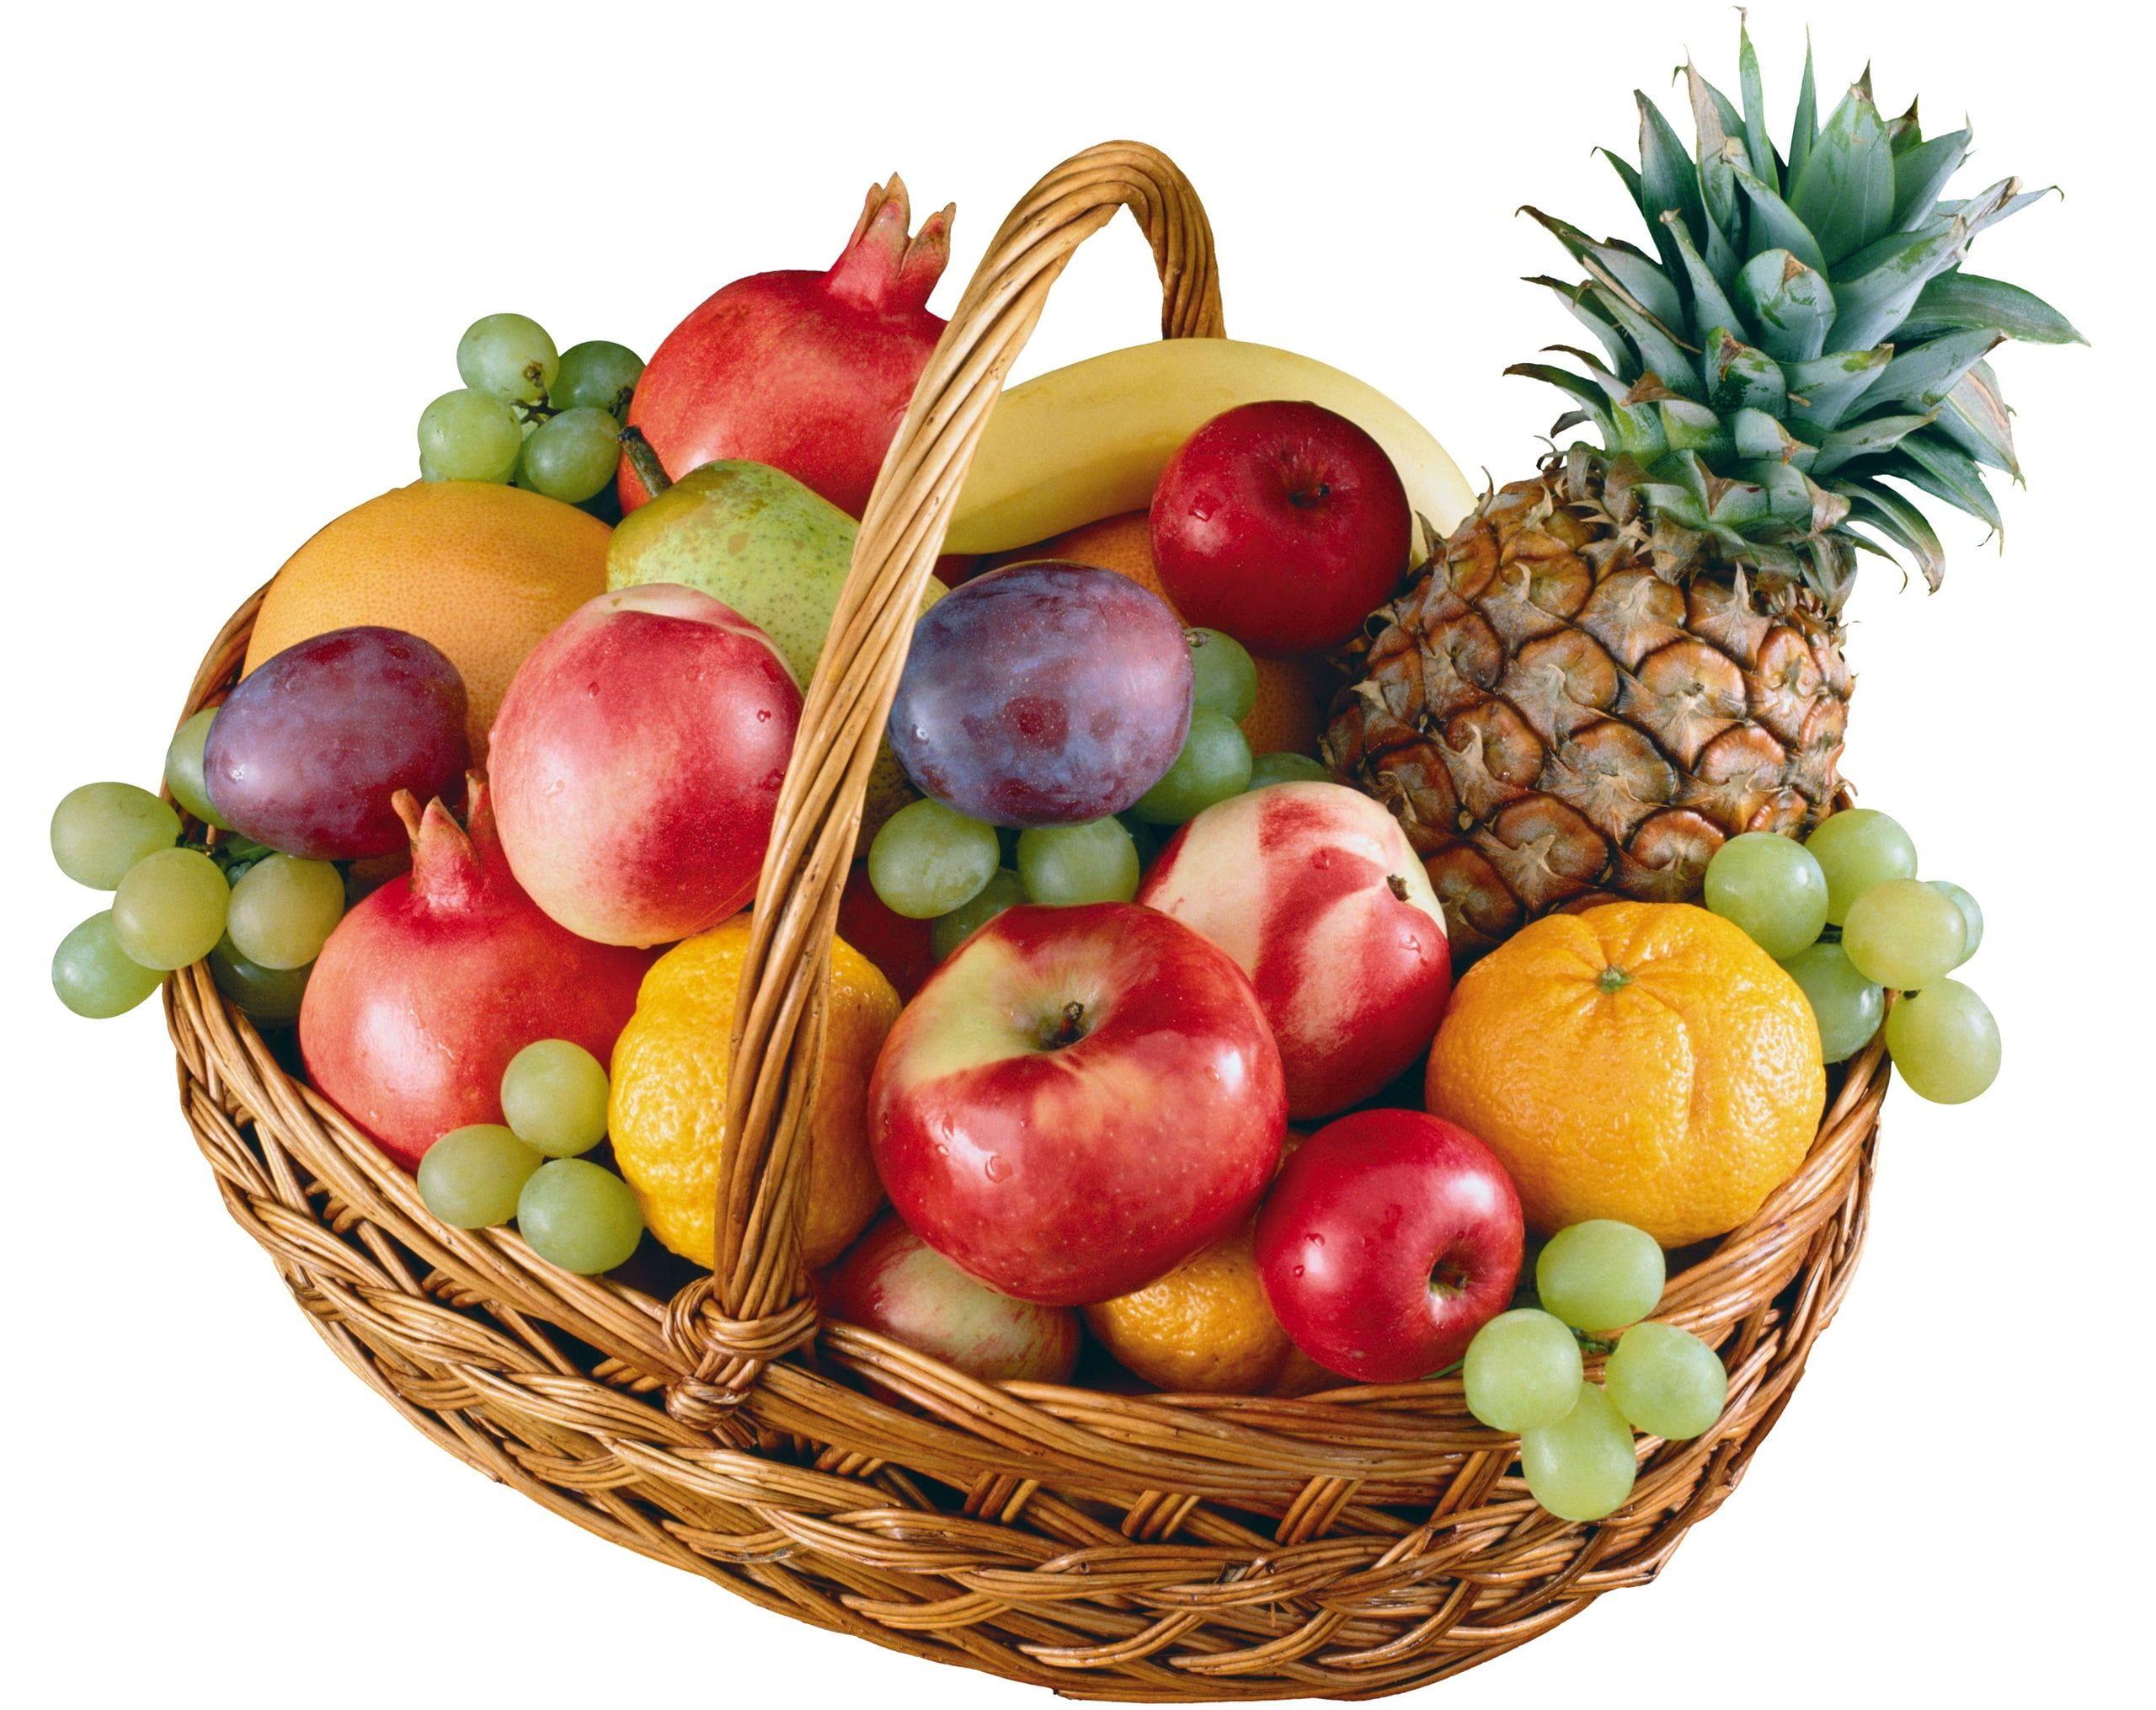 Assorted Fruits In Basket Illustration Fruit Basket A Lot Of 2k Wallpaper Hdwallpaper Desktop Healthy Fruits Fruit Fruit Basket